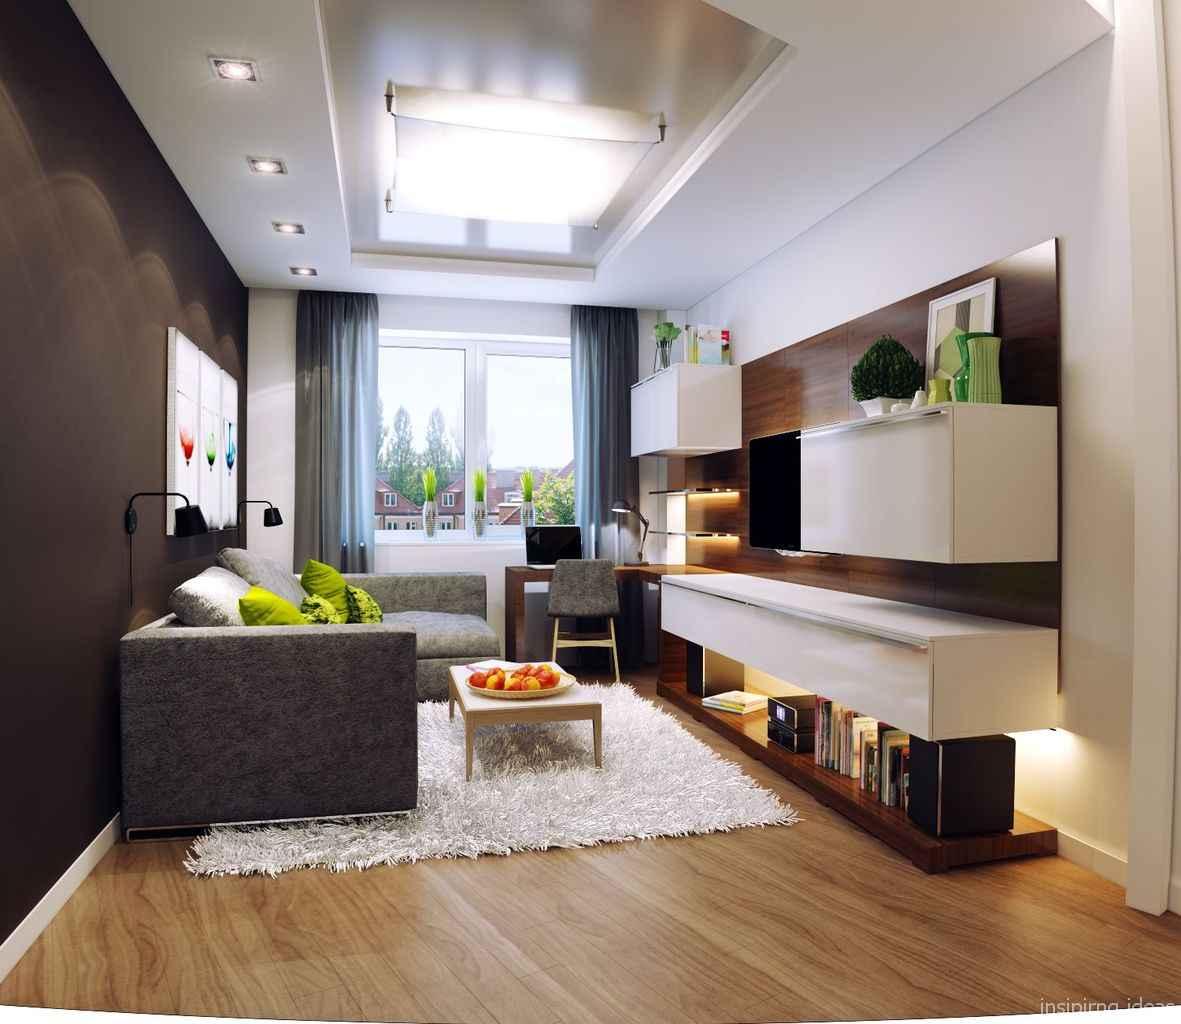 53 Chic Apartment Decorating Ideas